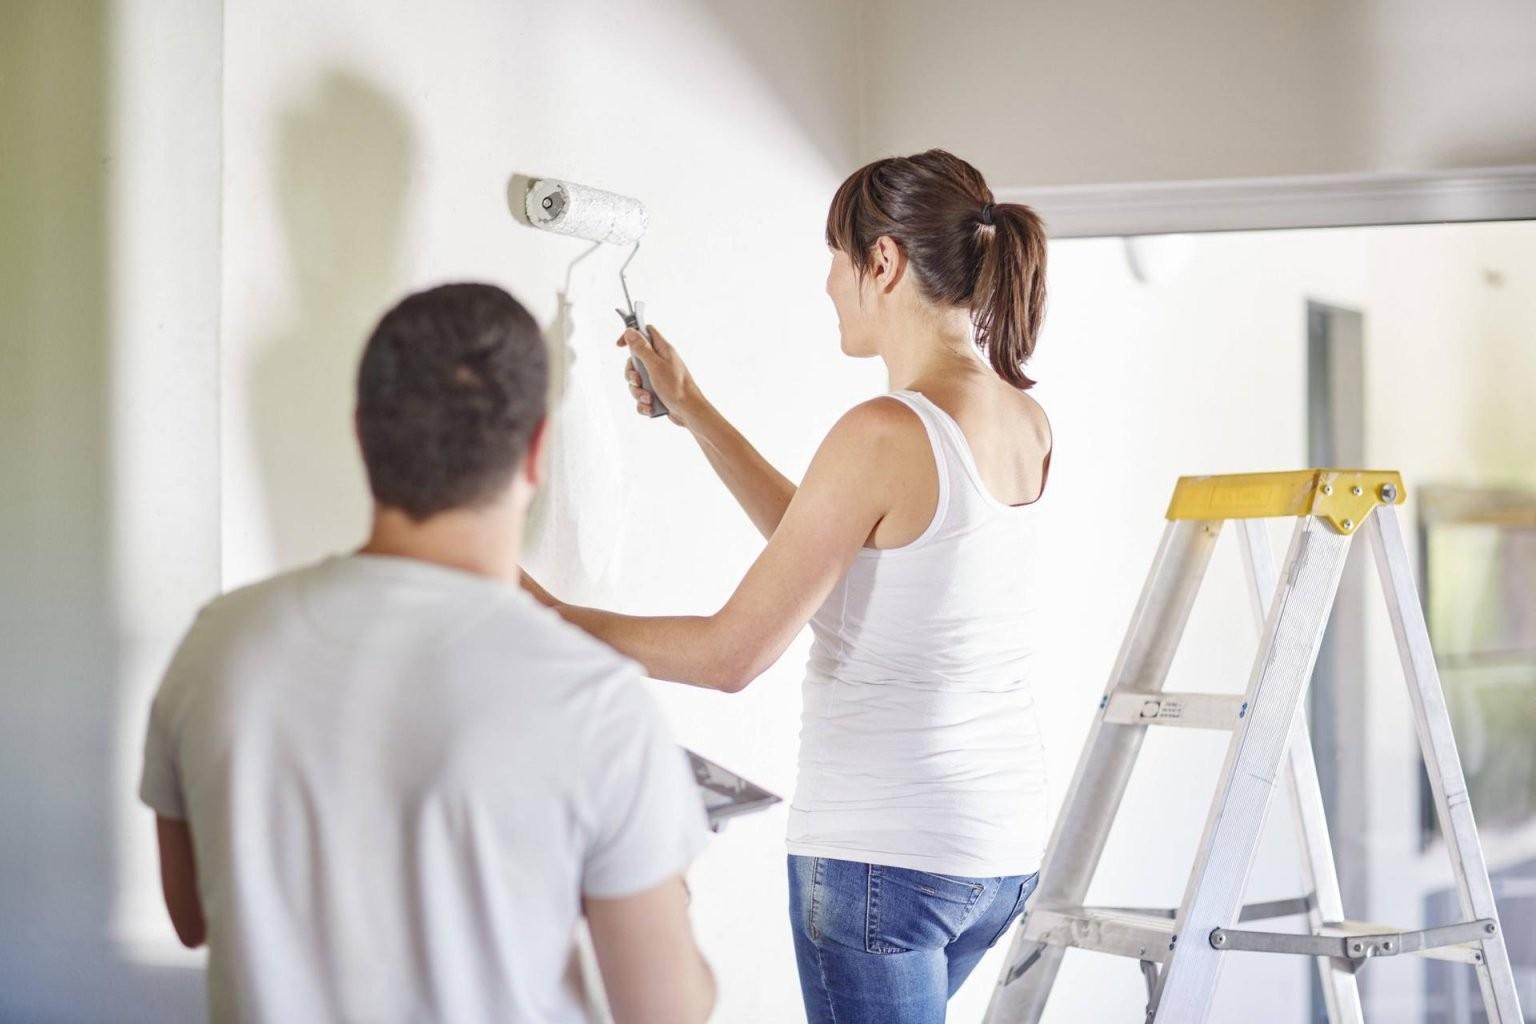 Wände Richtig Streichen Die Besten Tipps Von Profis von Wohnung Streichen Lassen Kosten Bild